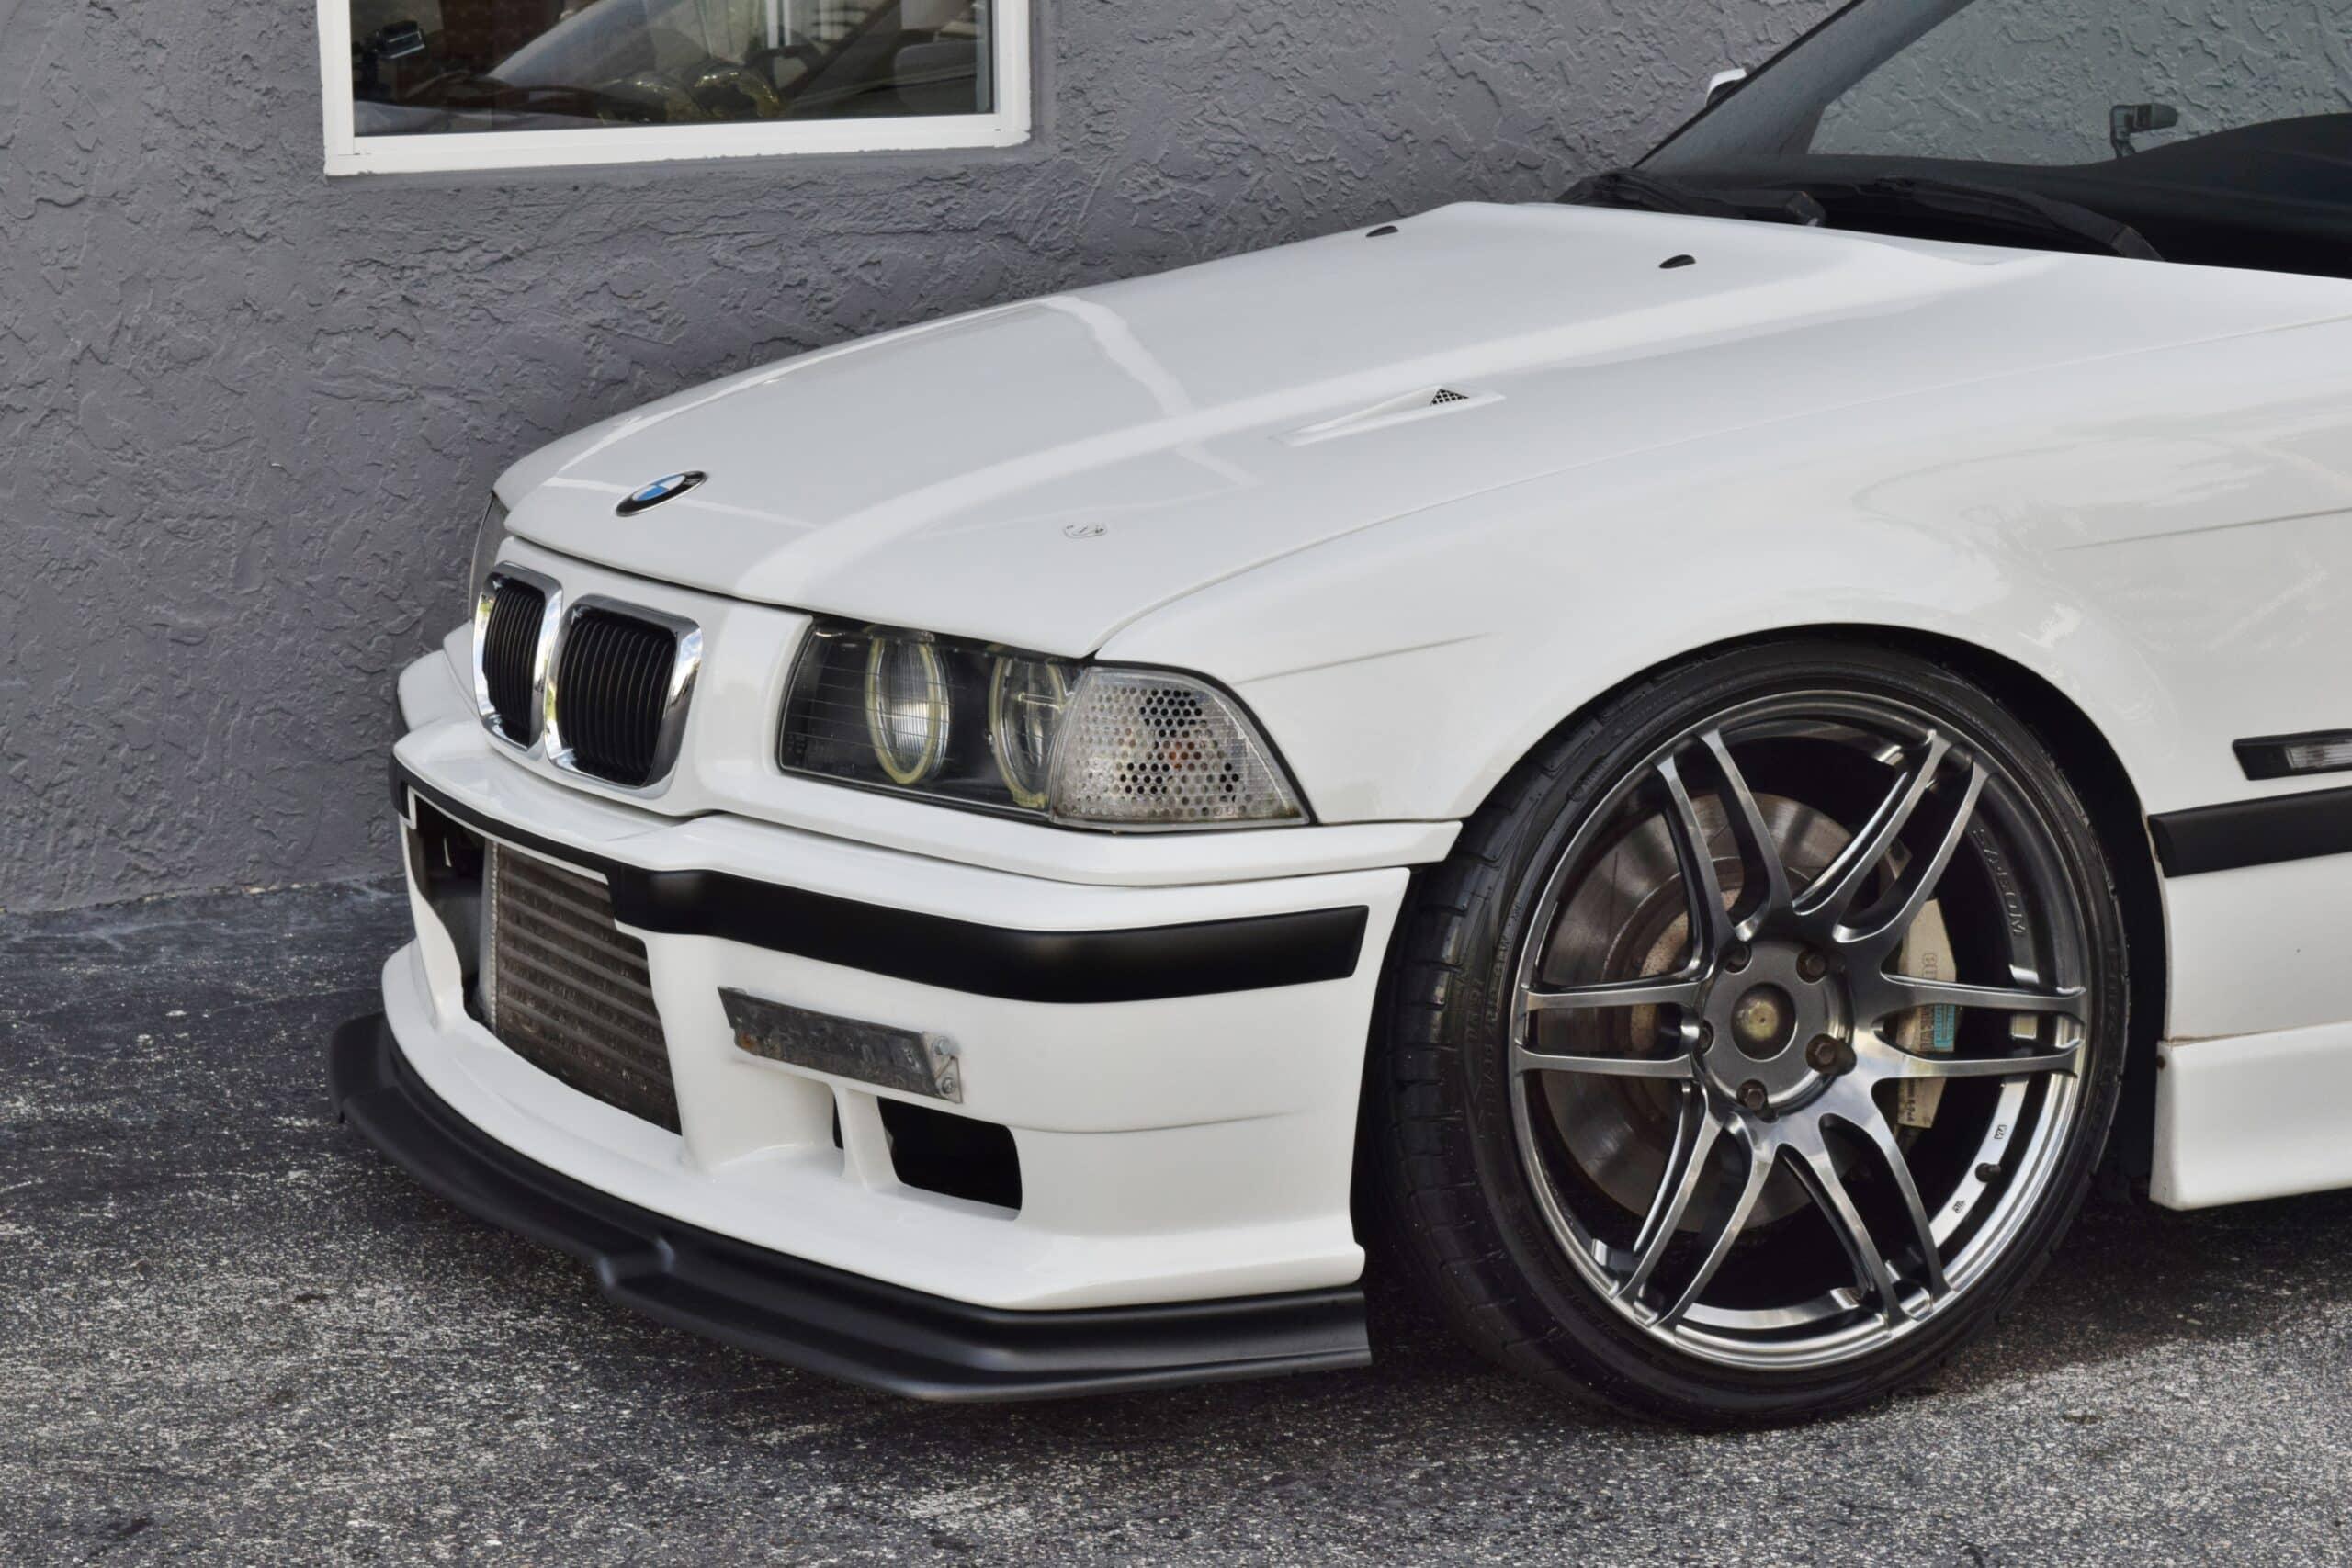 1995 BMW 3-Series E36 SR20DET TURBO 2.1L Bore HKS-6 Speed ...